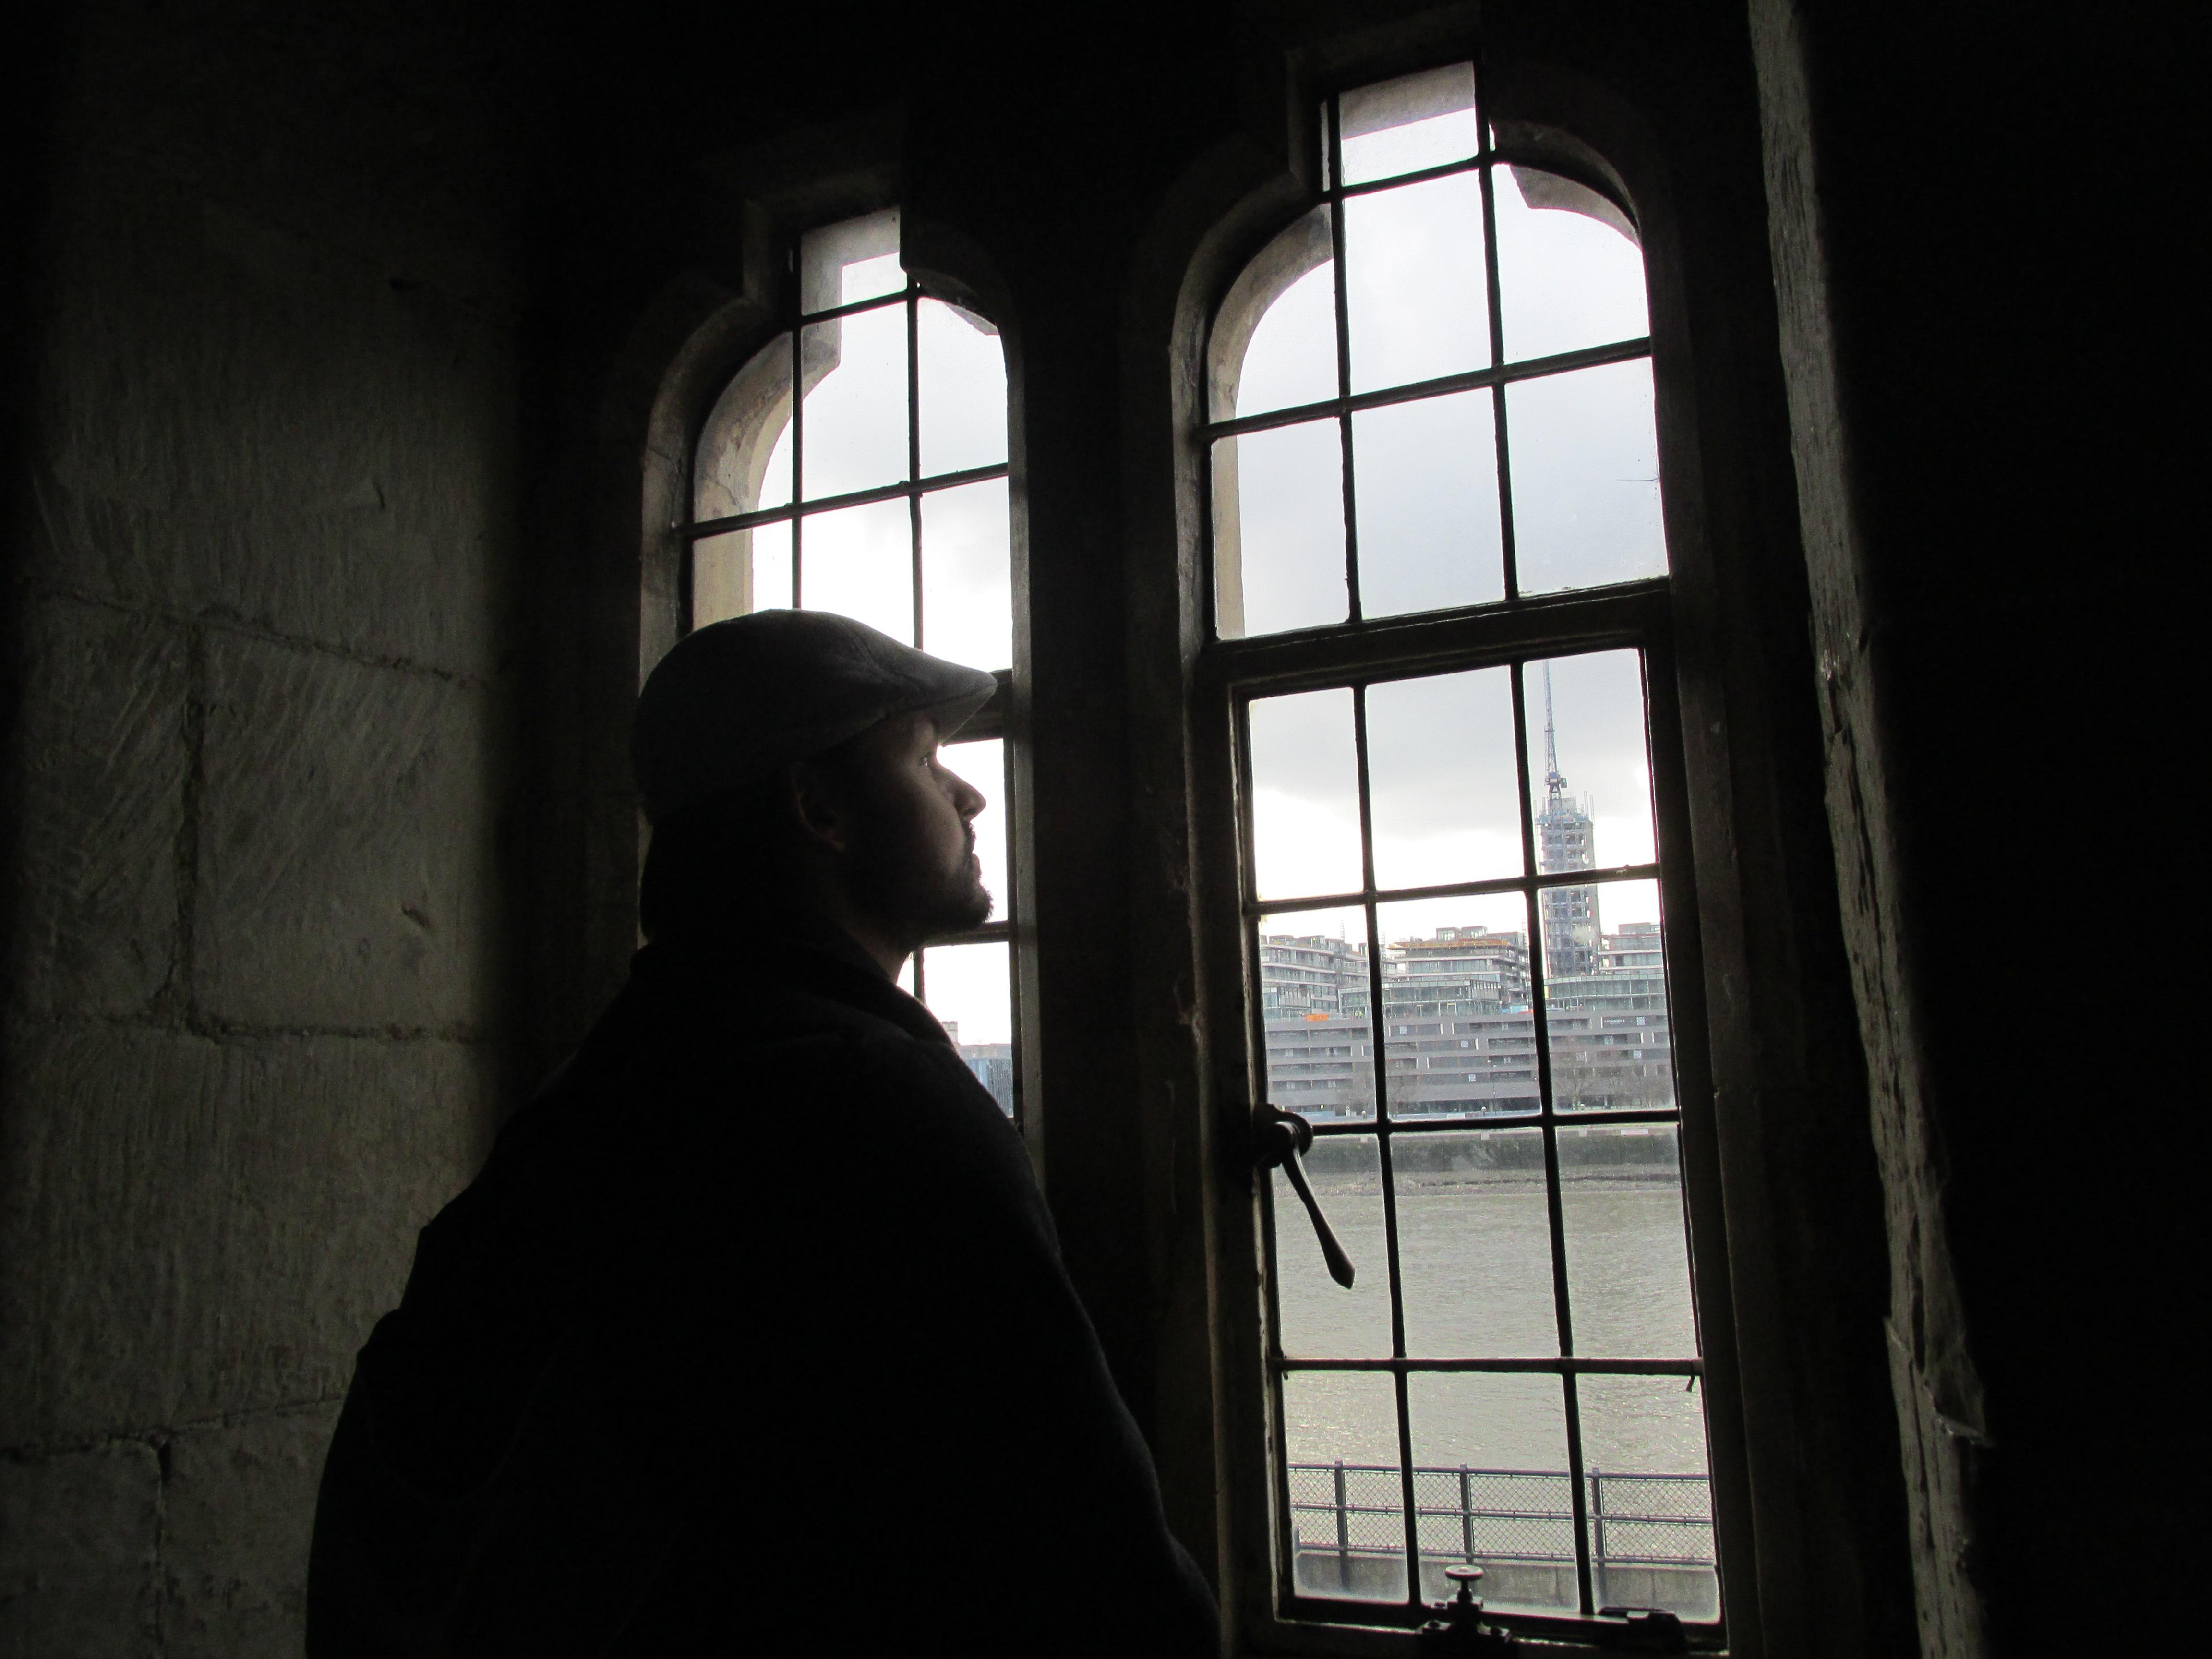 IMG 1762 - Visitando la Torre de Londres